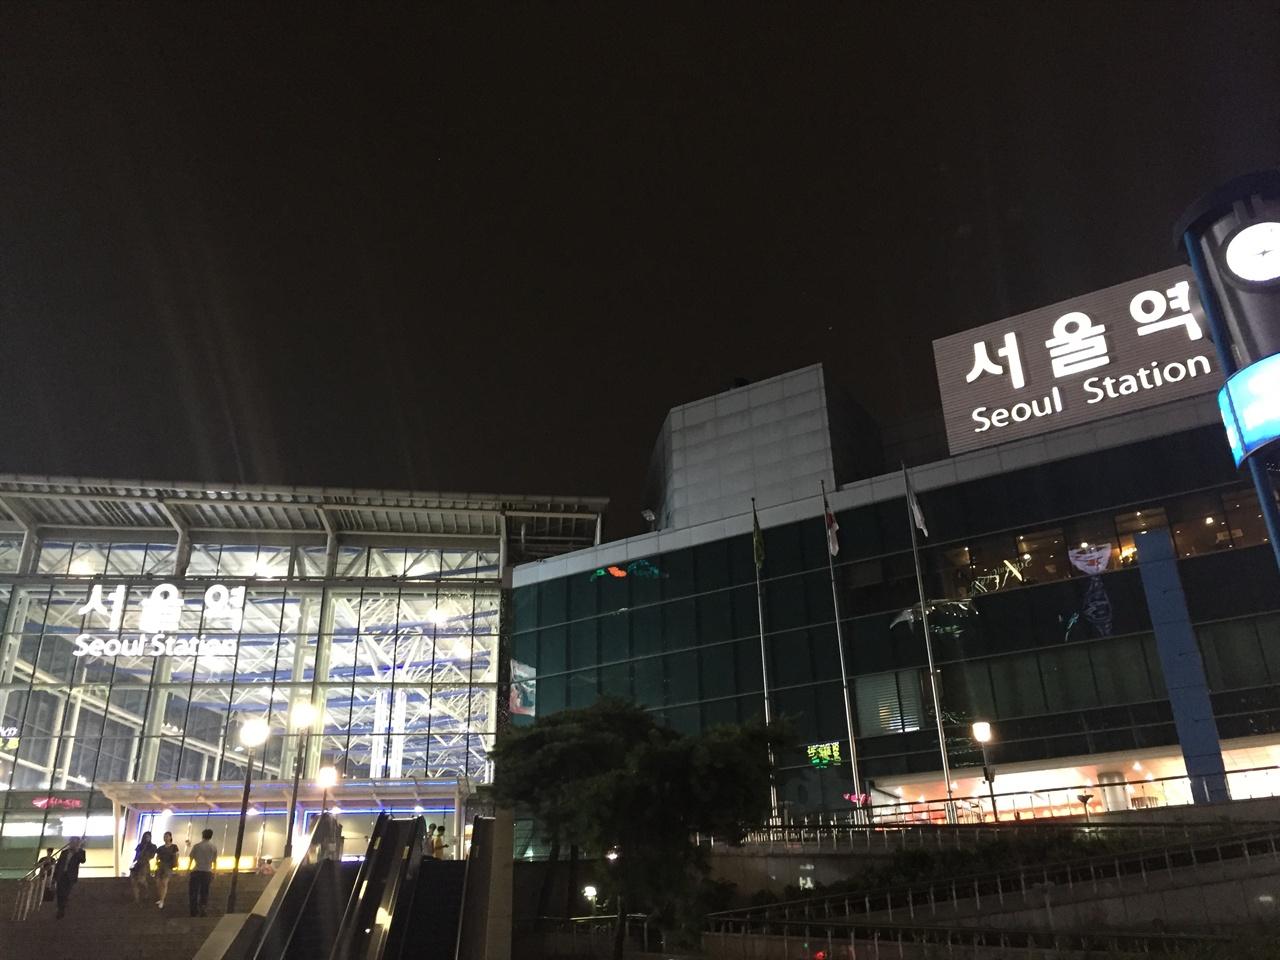 페이스북에서 '거지 같은'이라고 표현한 서울역  그 화려한 불빛 아래 돌아갈 곳 없는 사람들이 있다.